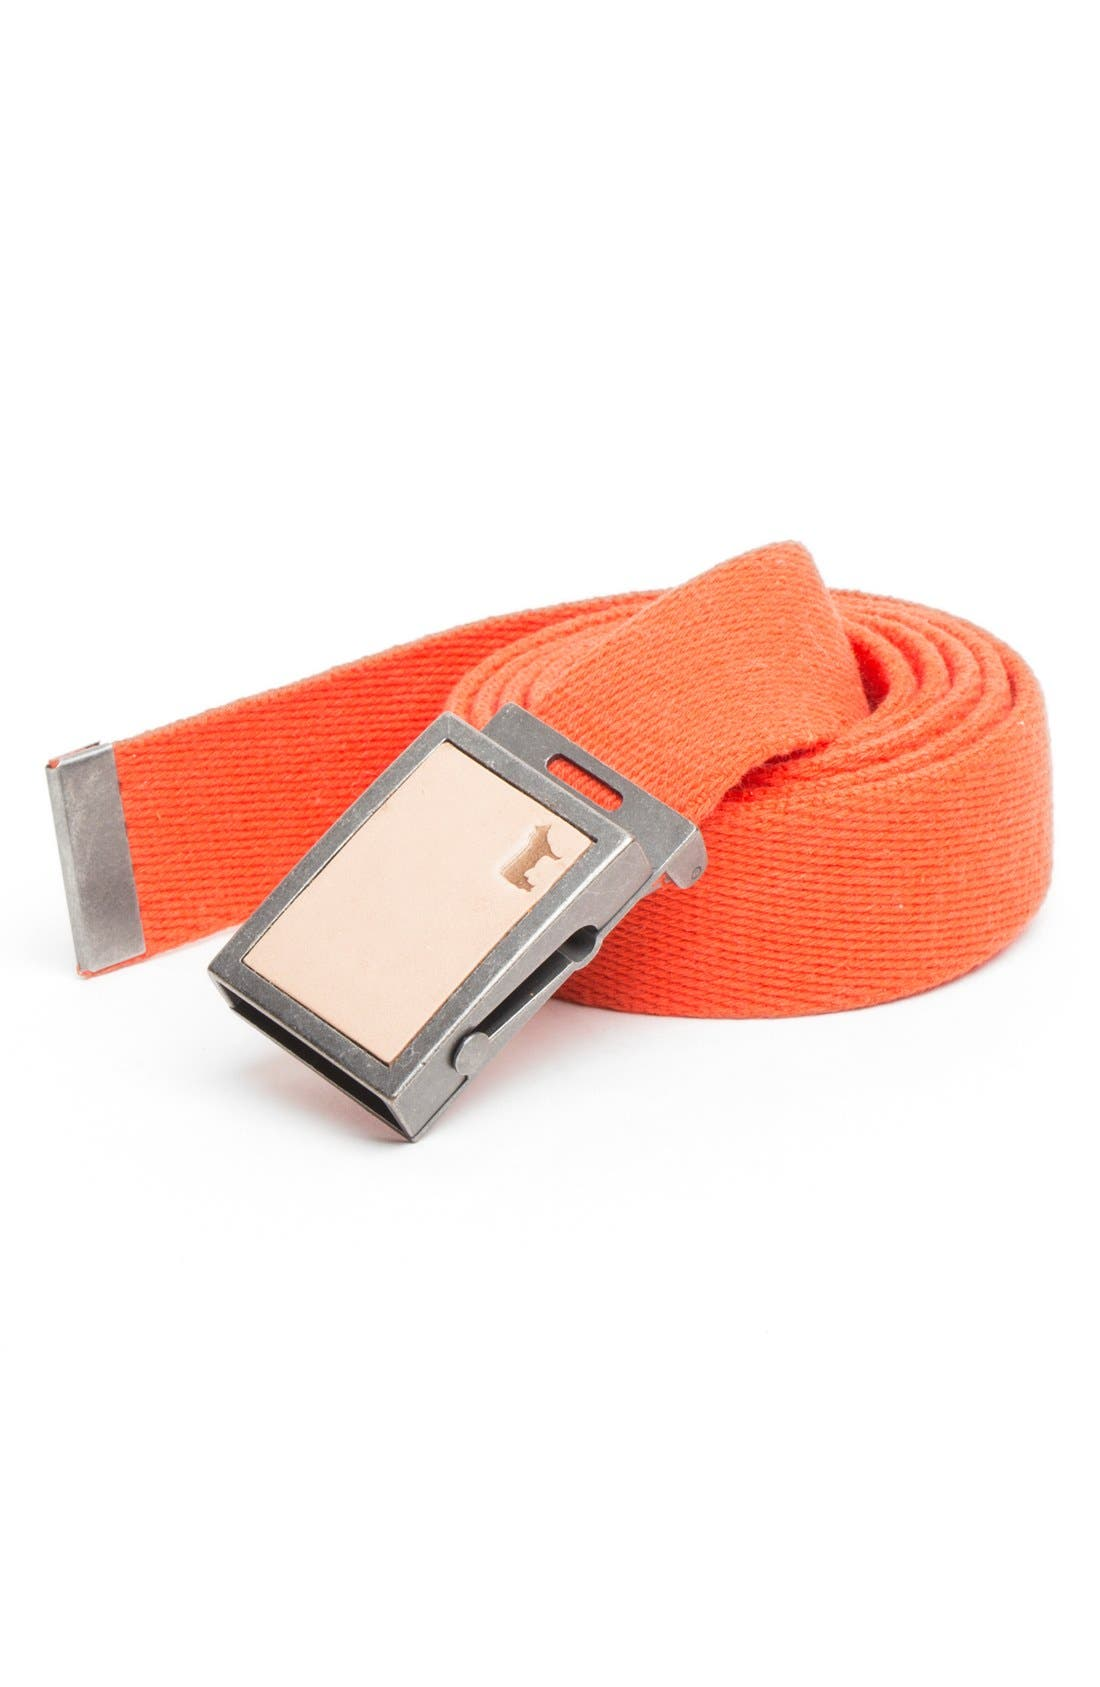 Main Image - Will Leather Goods 'Gunner' Belt